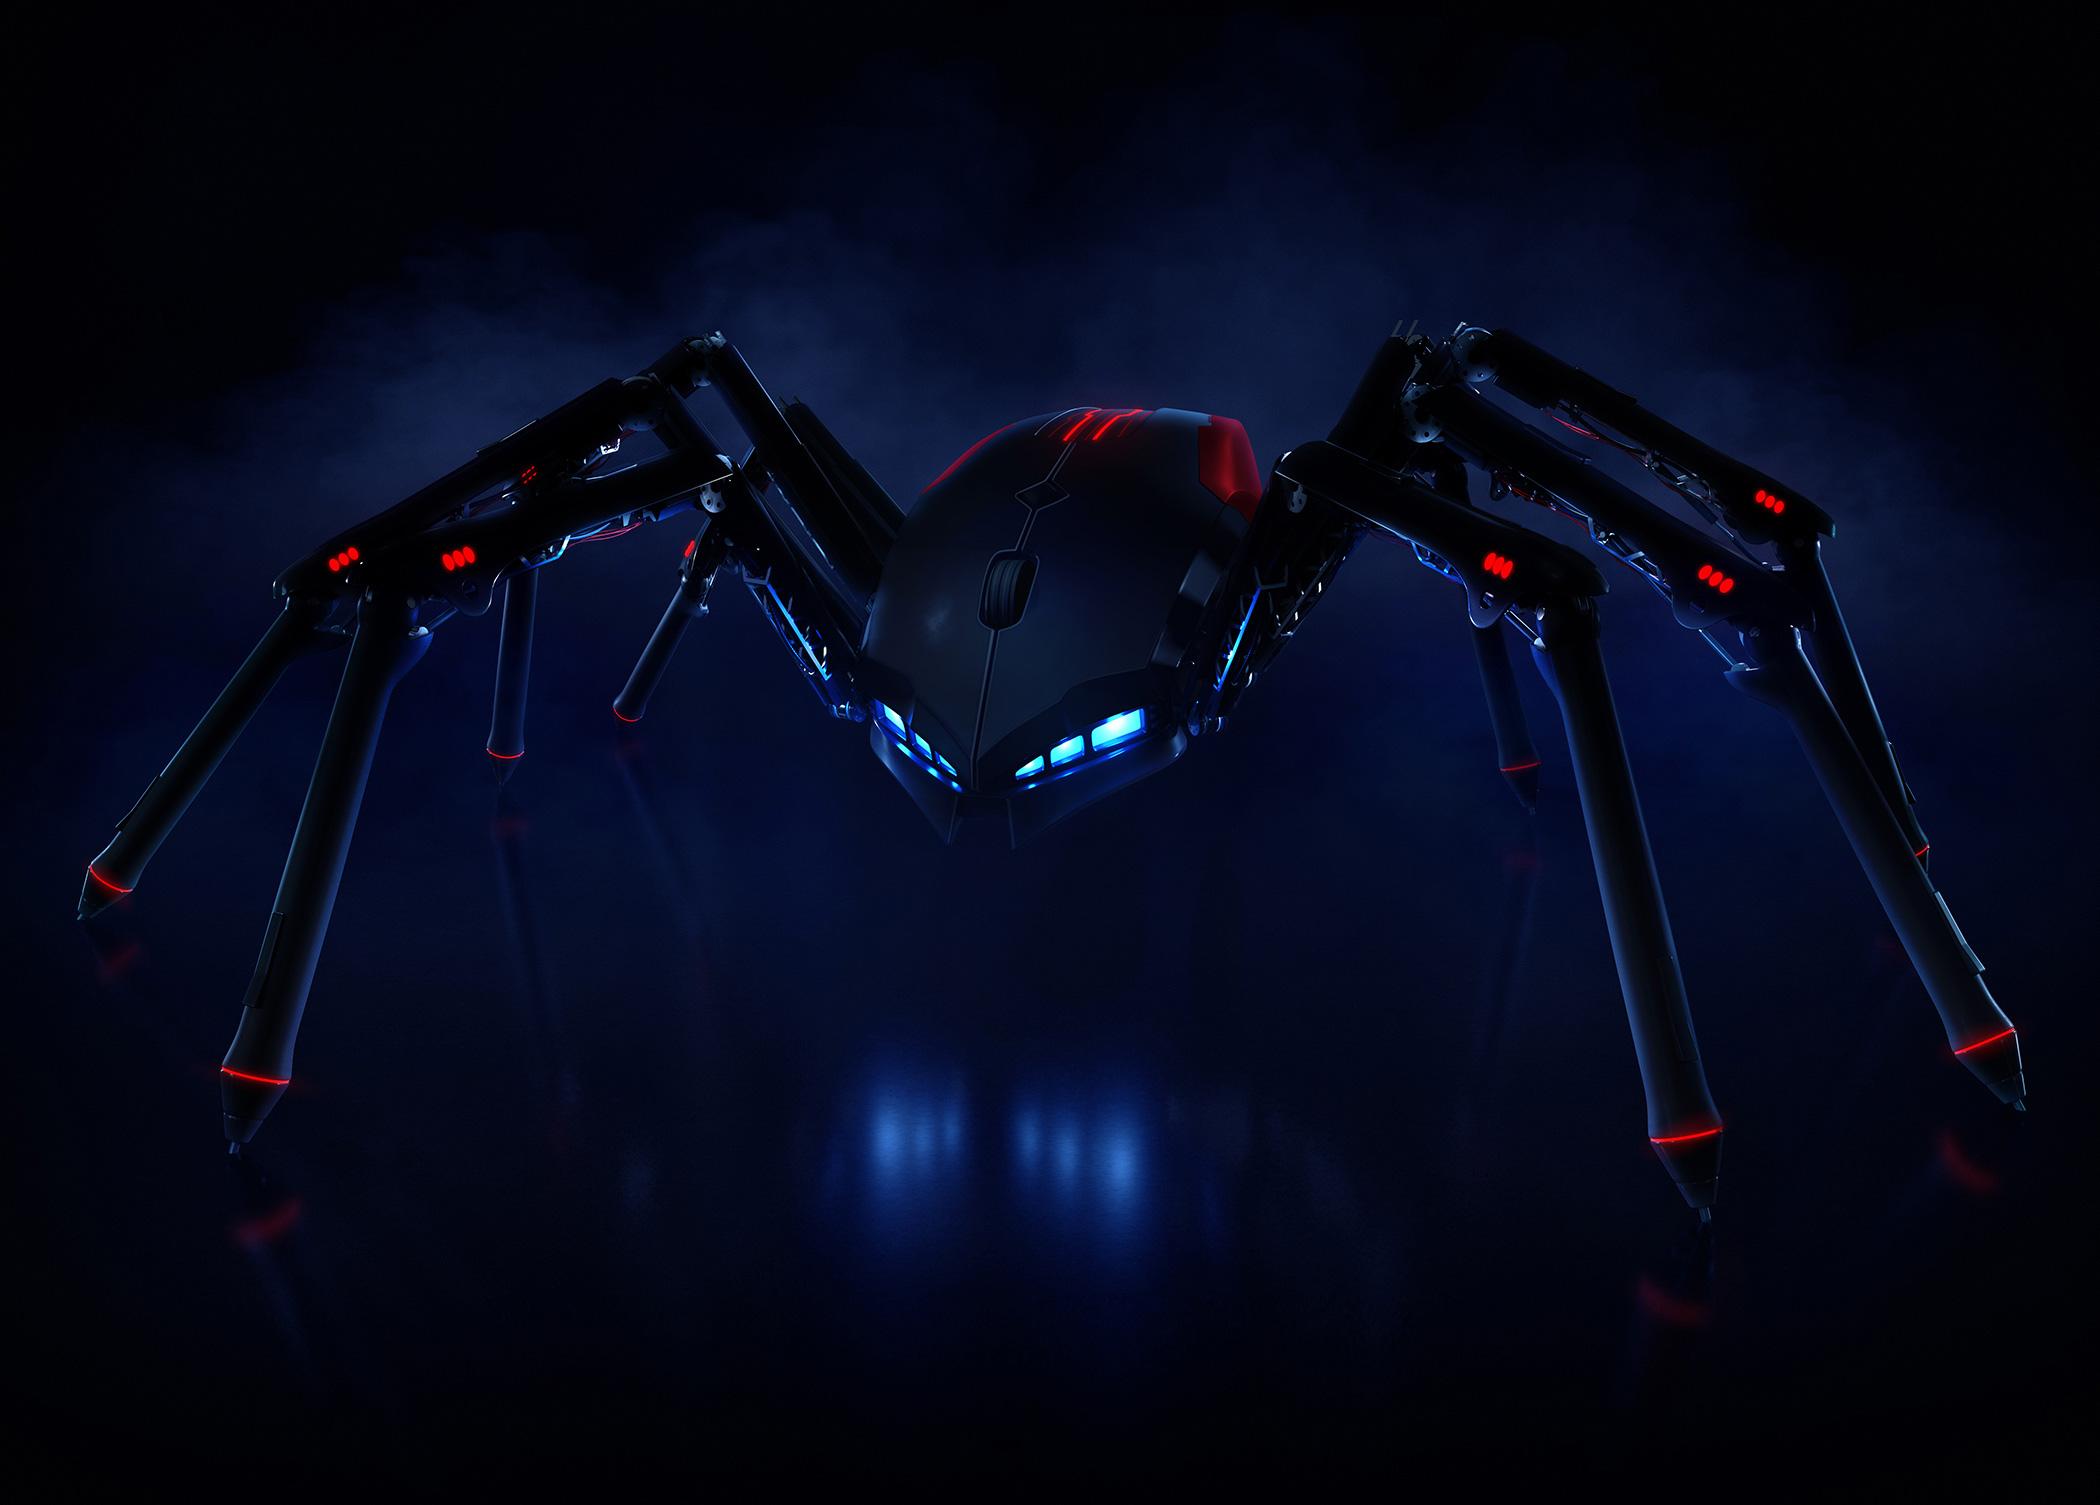 W_spiderwacon_Main_02